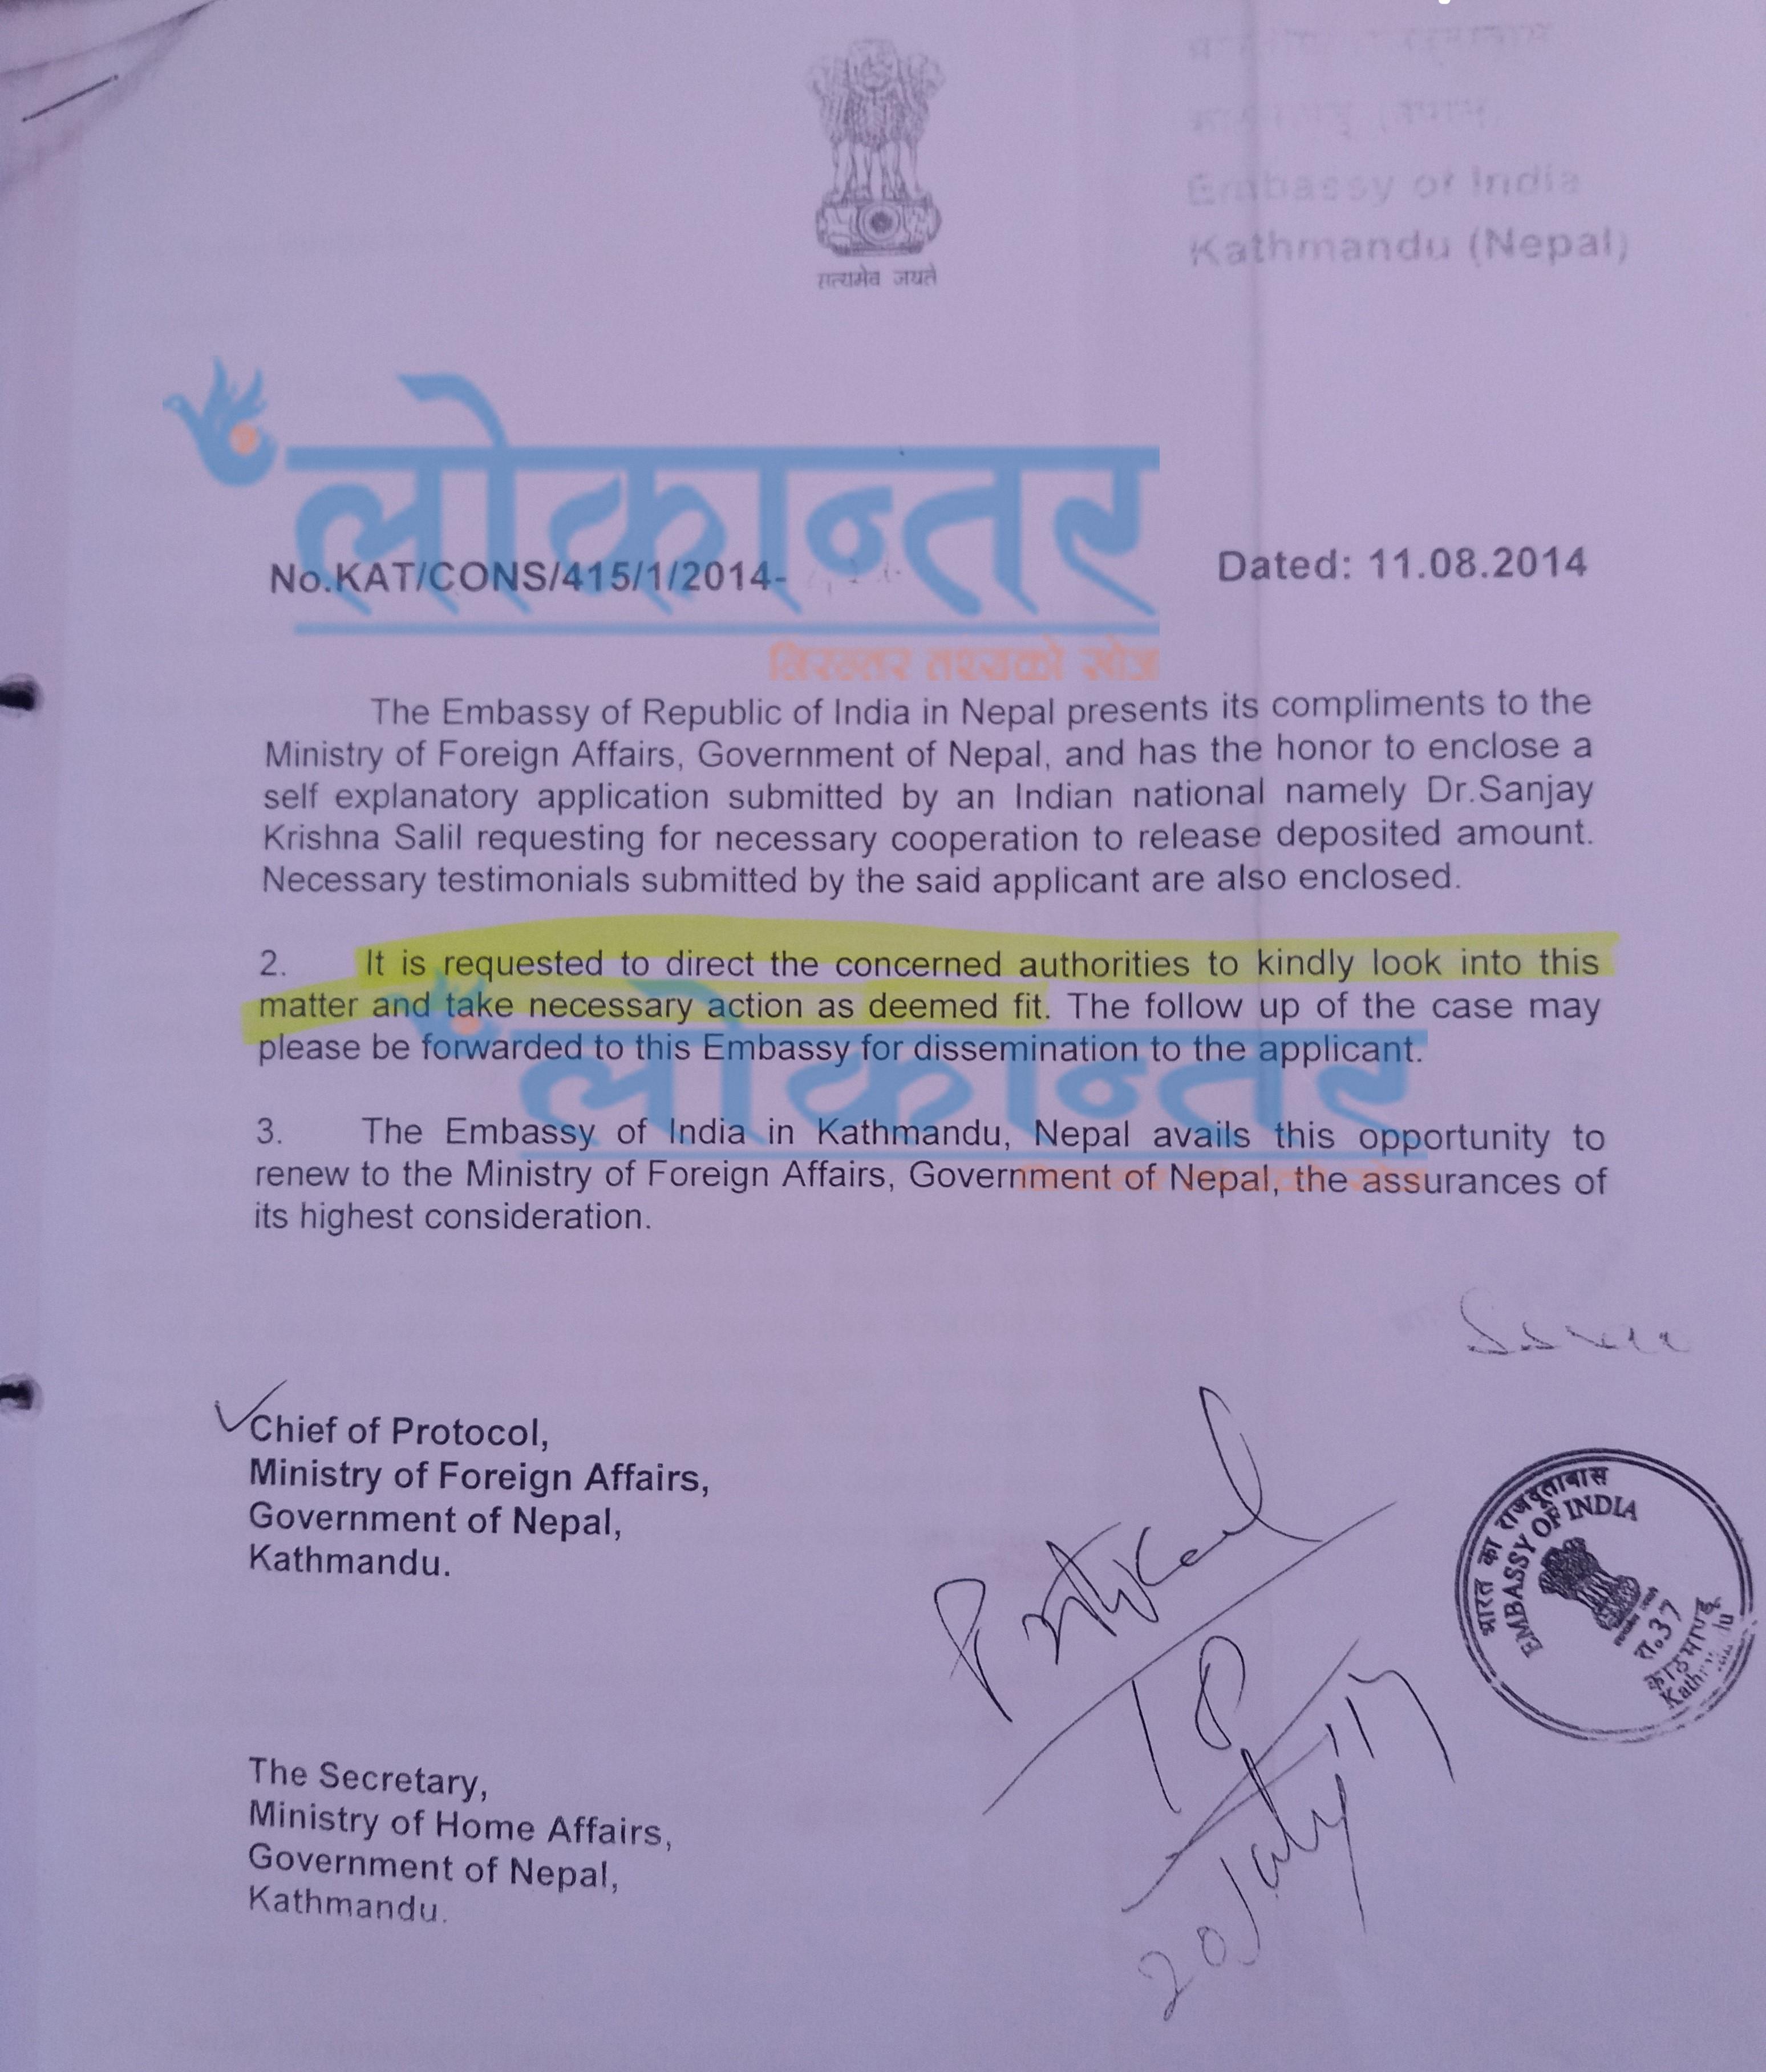 कूटनीतिक मर्यादाको उल्लंघन, भारतीय दूतावासको निन्दनीय हर्कत